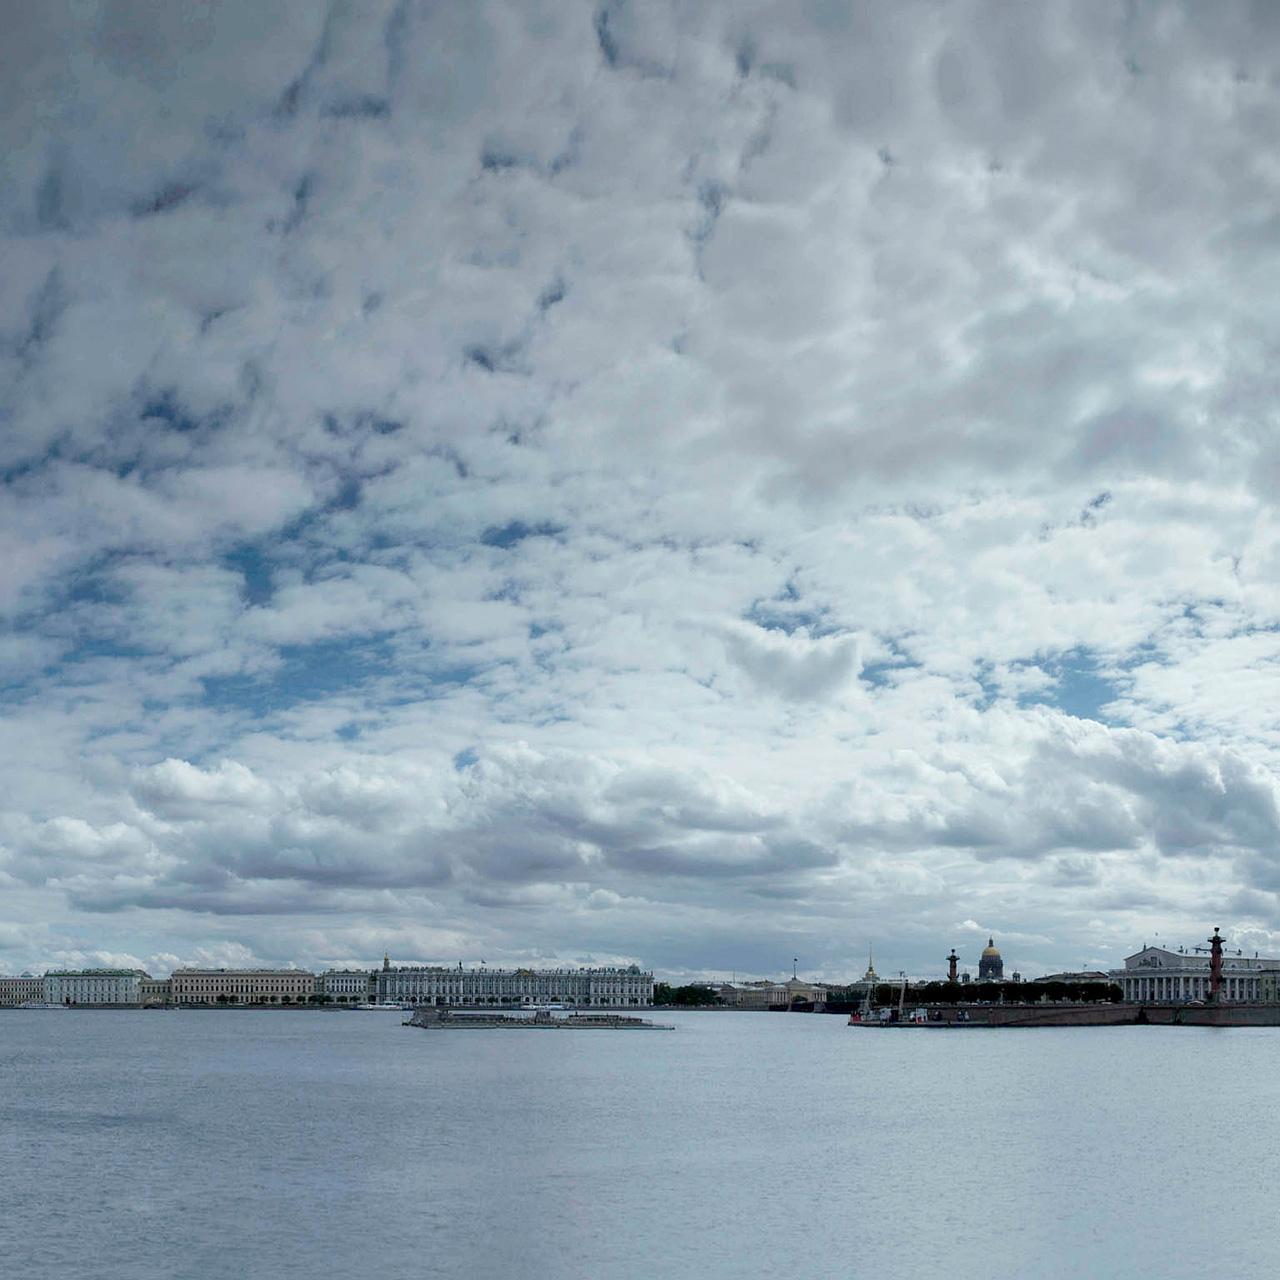 Landschaftsfotografie | Belagerung von Leningrad, Russland